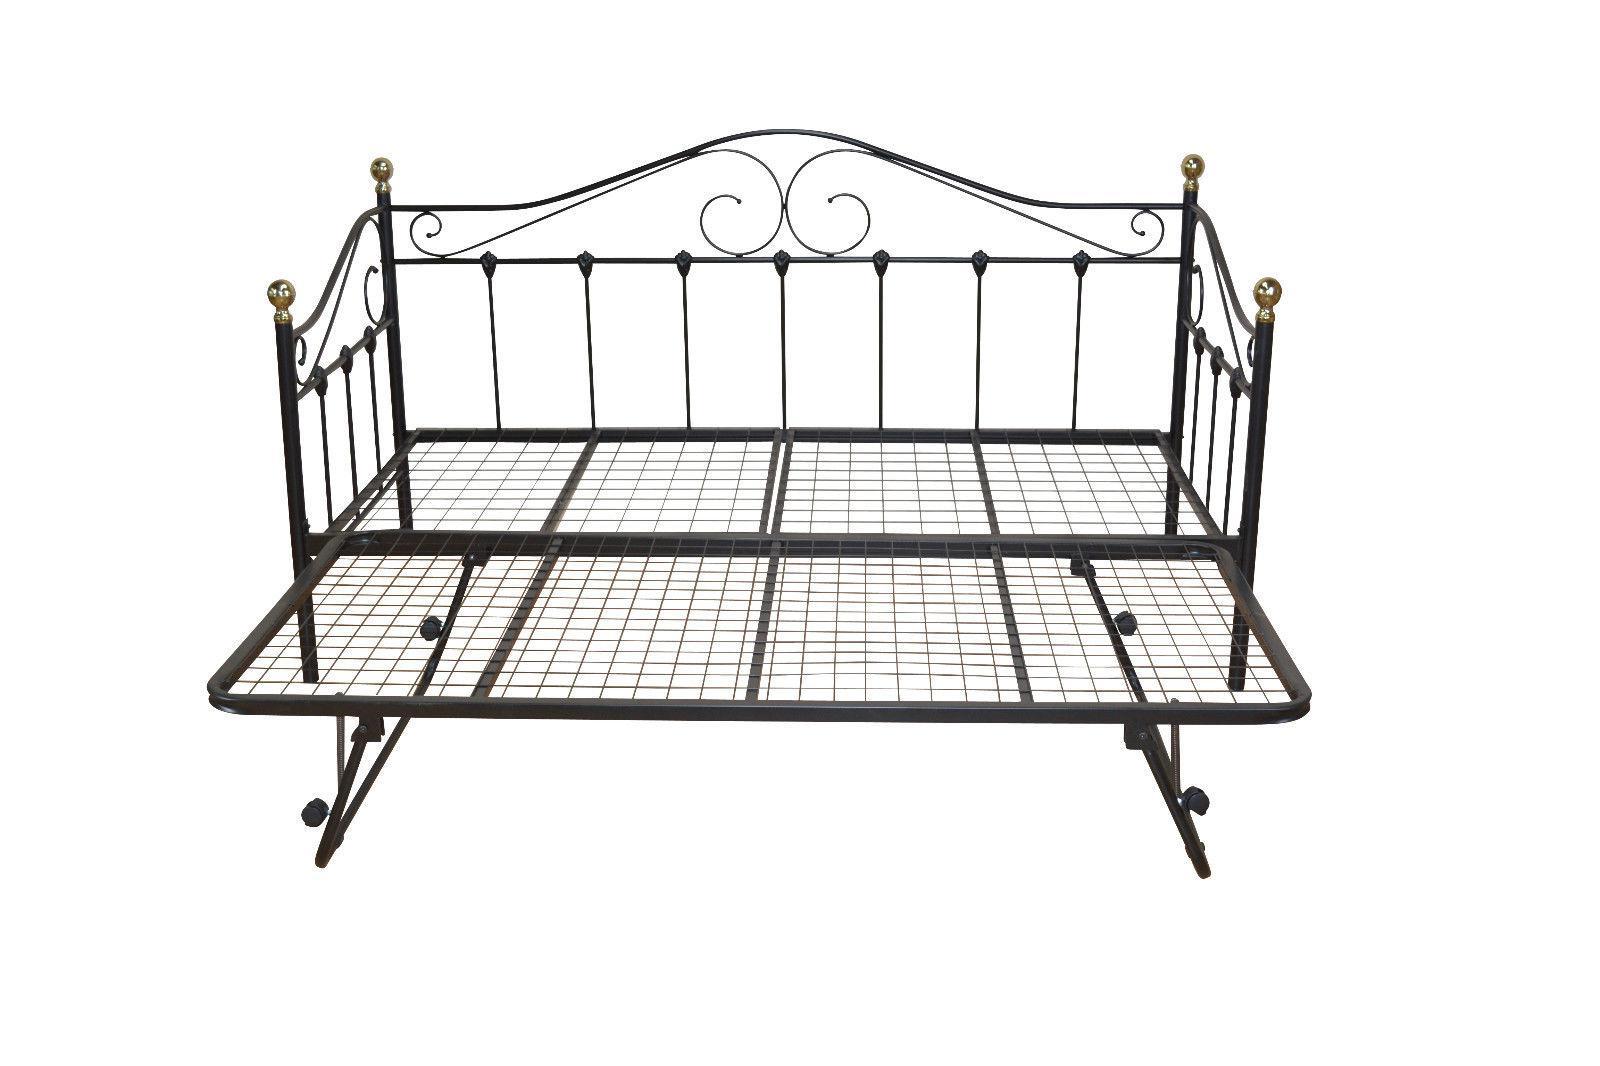 tagesbett schwarz inkl lattenrost einzelbett day bed g stebett romantisch bett kaufen bei go. Black Bedroom Furniture Sets. Home Design Ideas